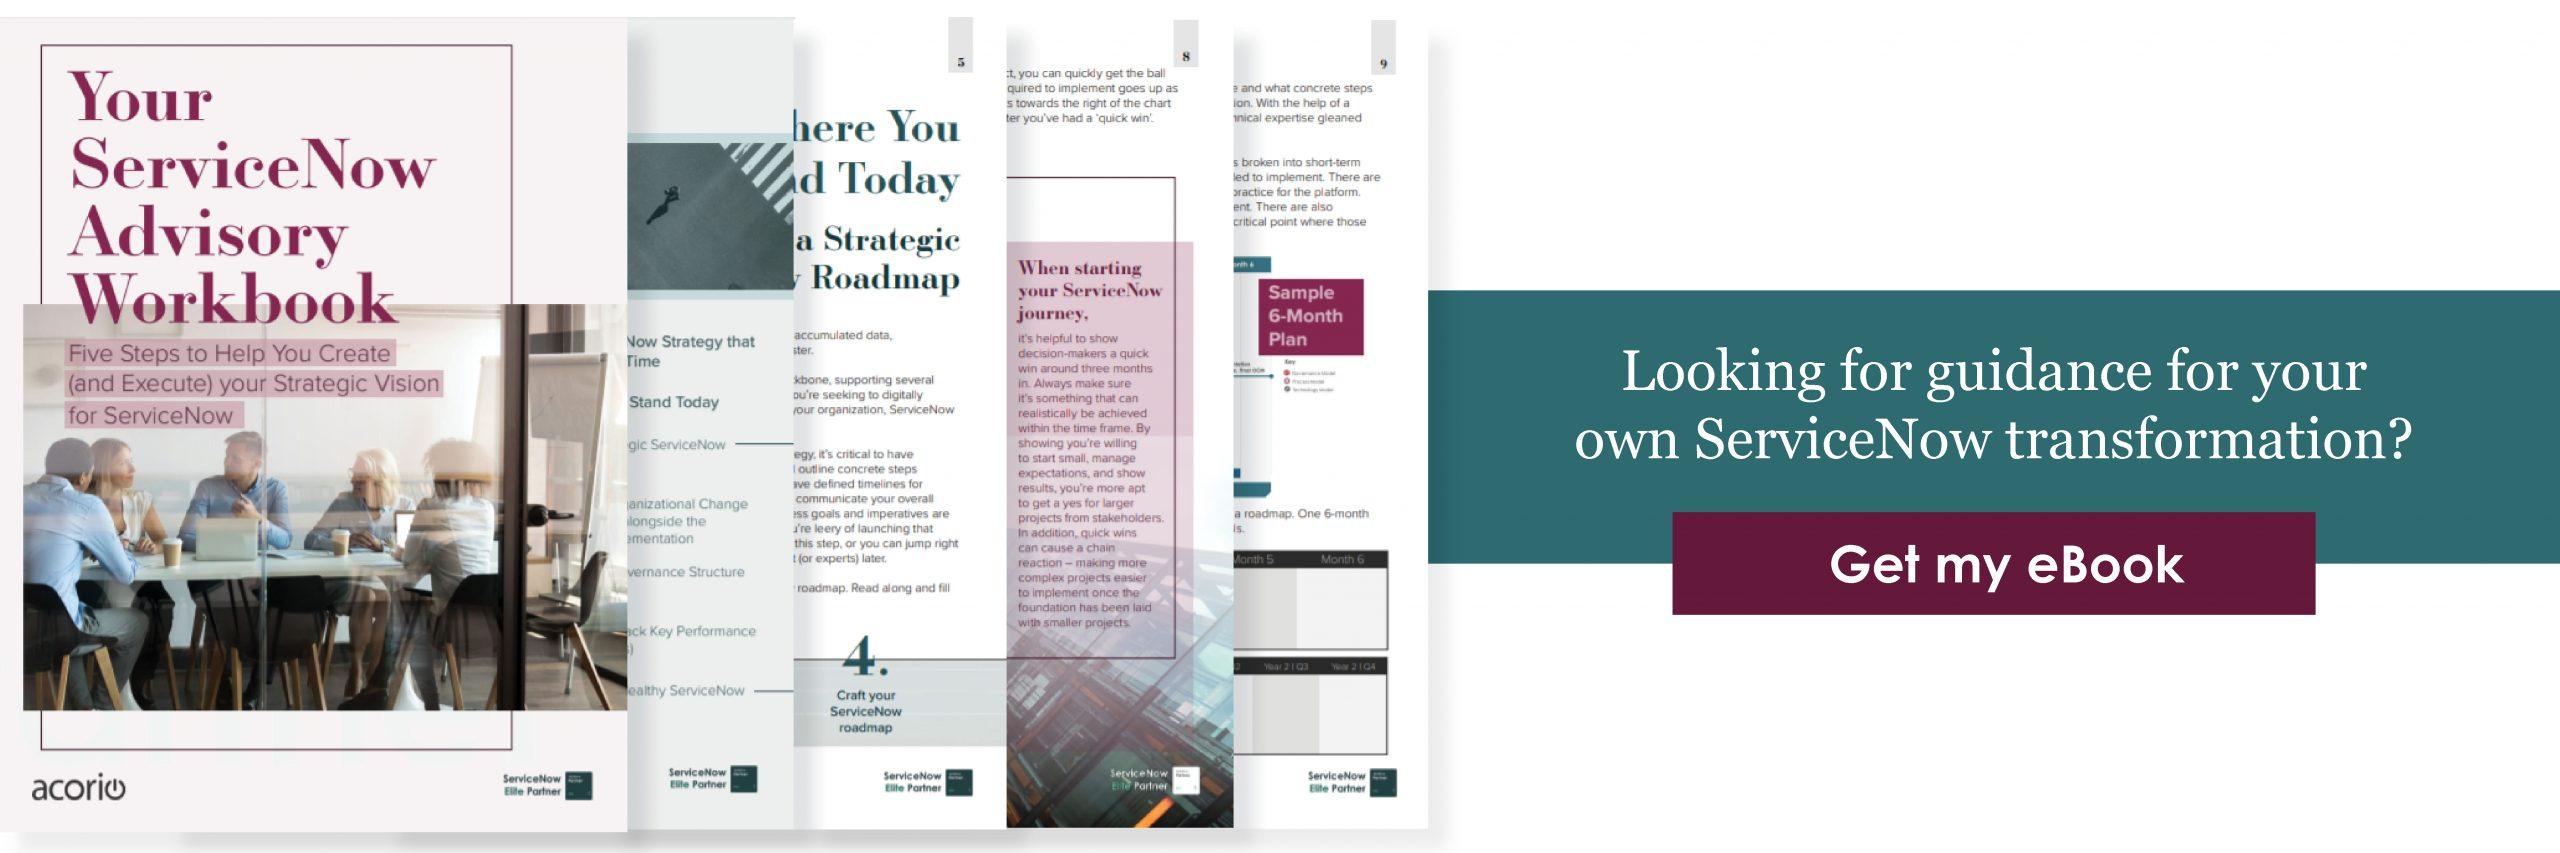 ServiceNow Advisory Workbook CTA